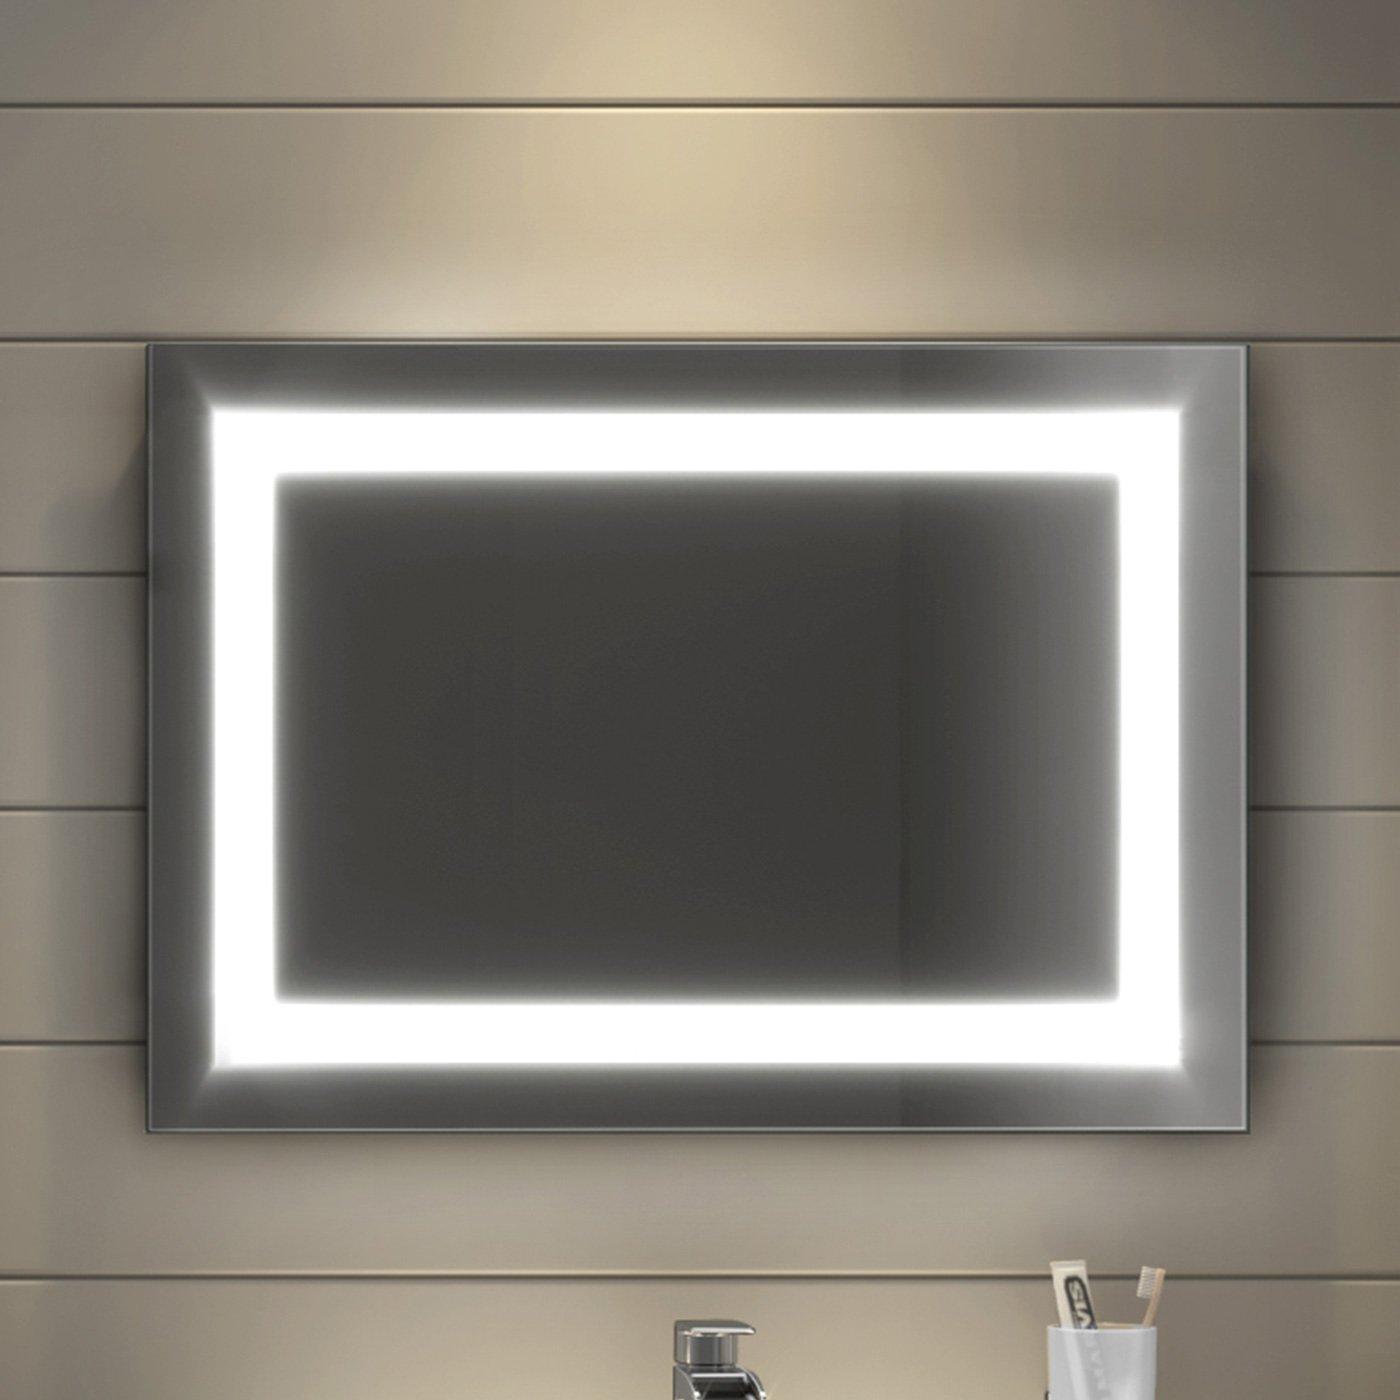 Design Moderno 500 x 700 mm soak Specchio per Bagno con Retroilluminazione a LED e Antiappannamento